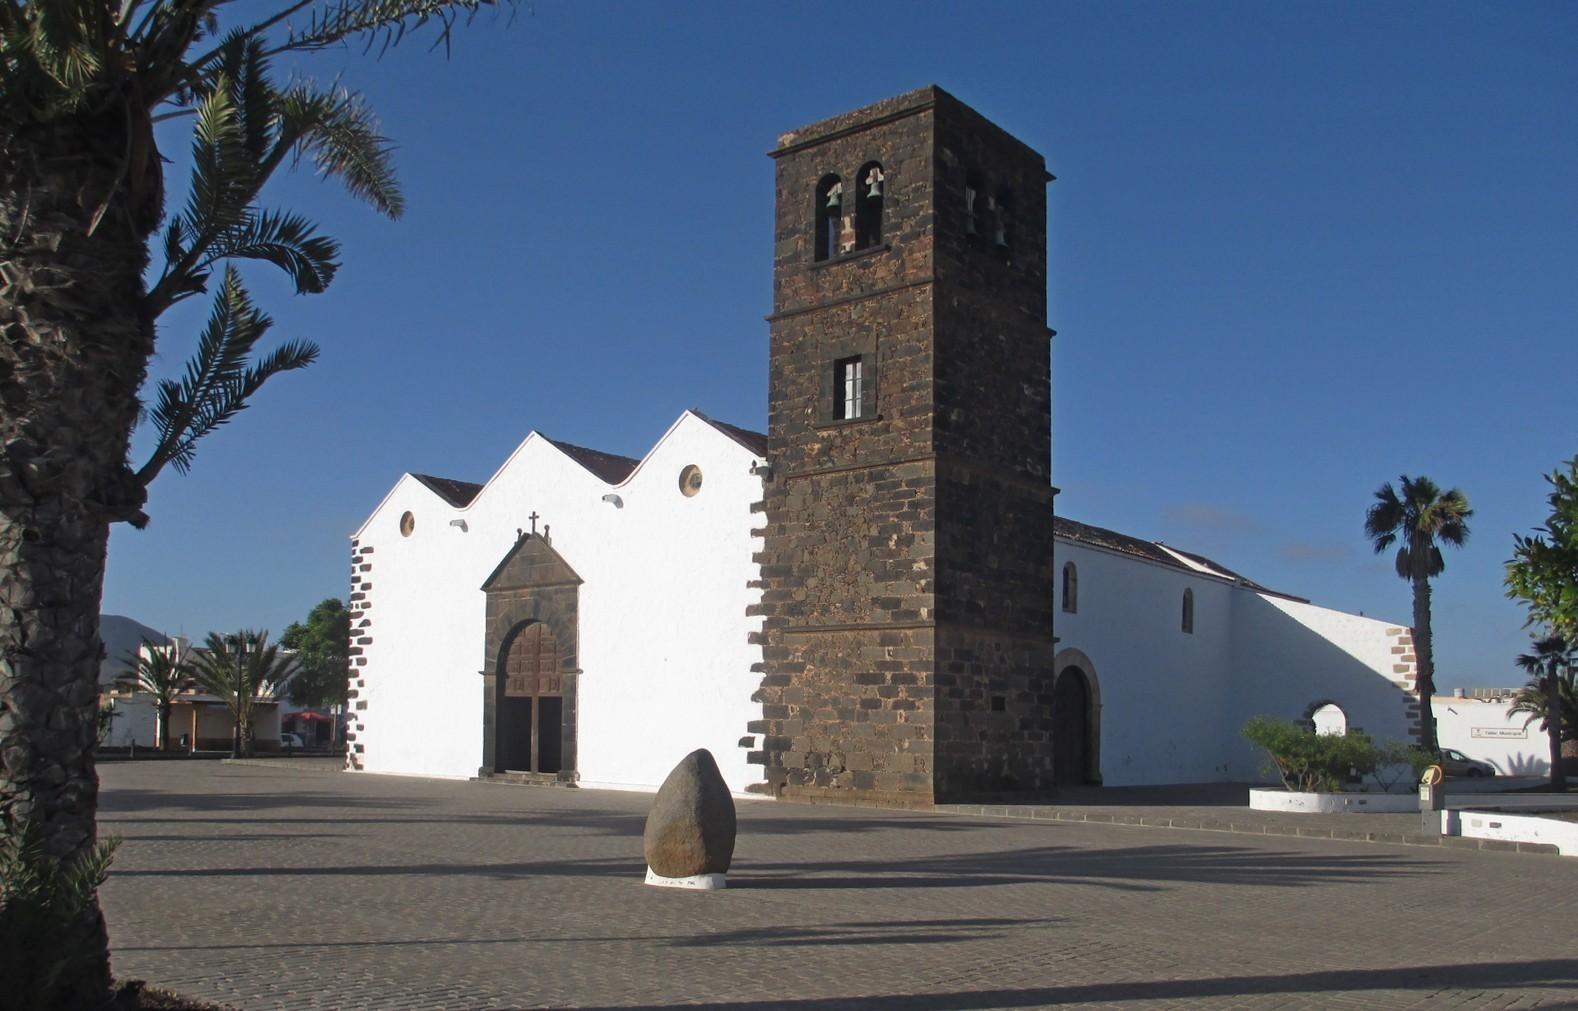 iglesia de nuestra señora de la candelaria fuerteventura